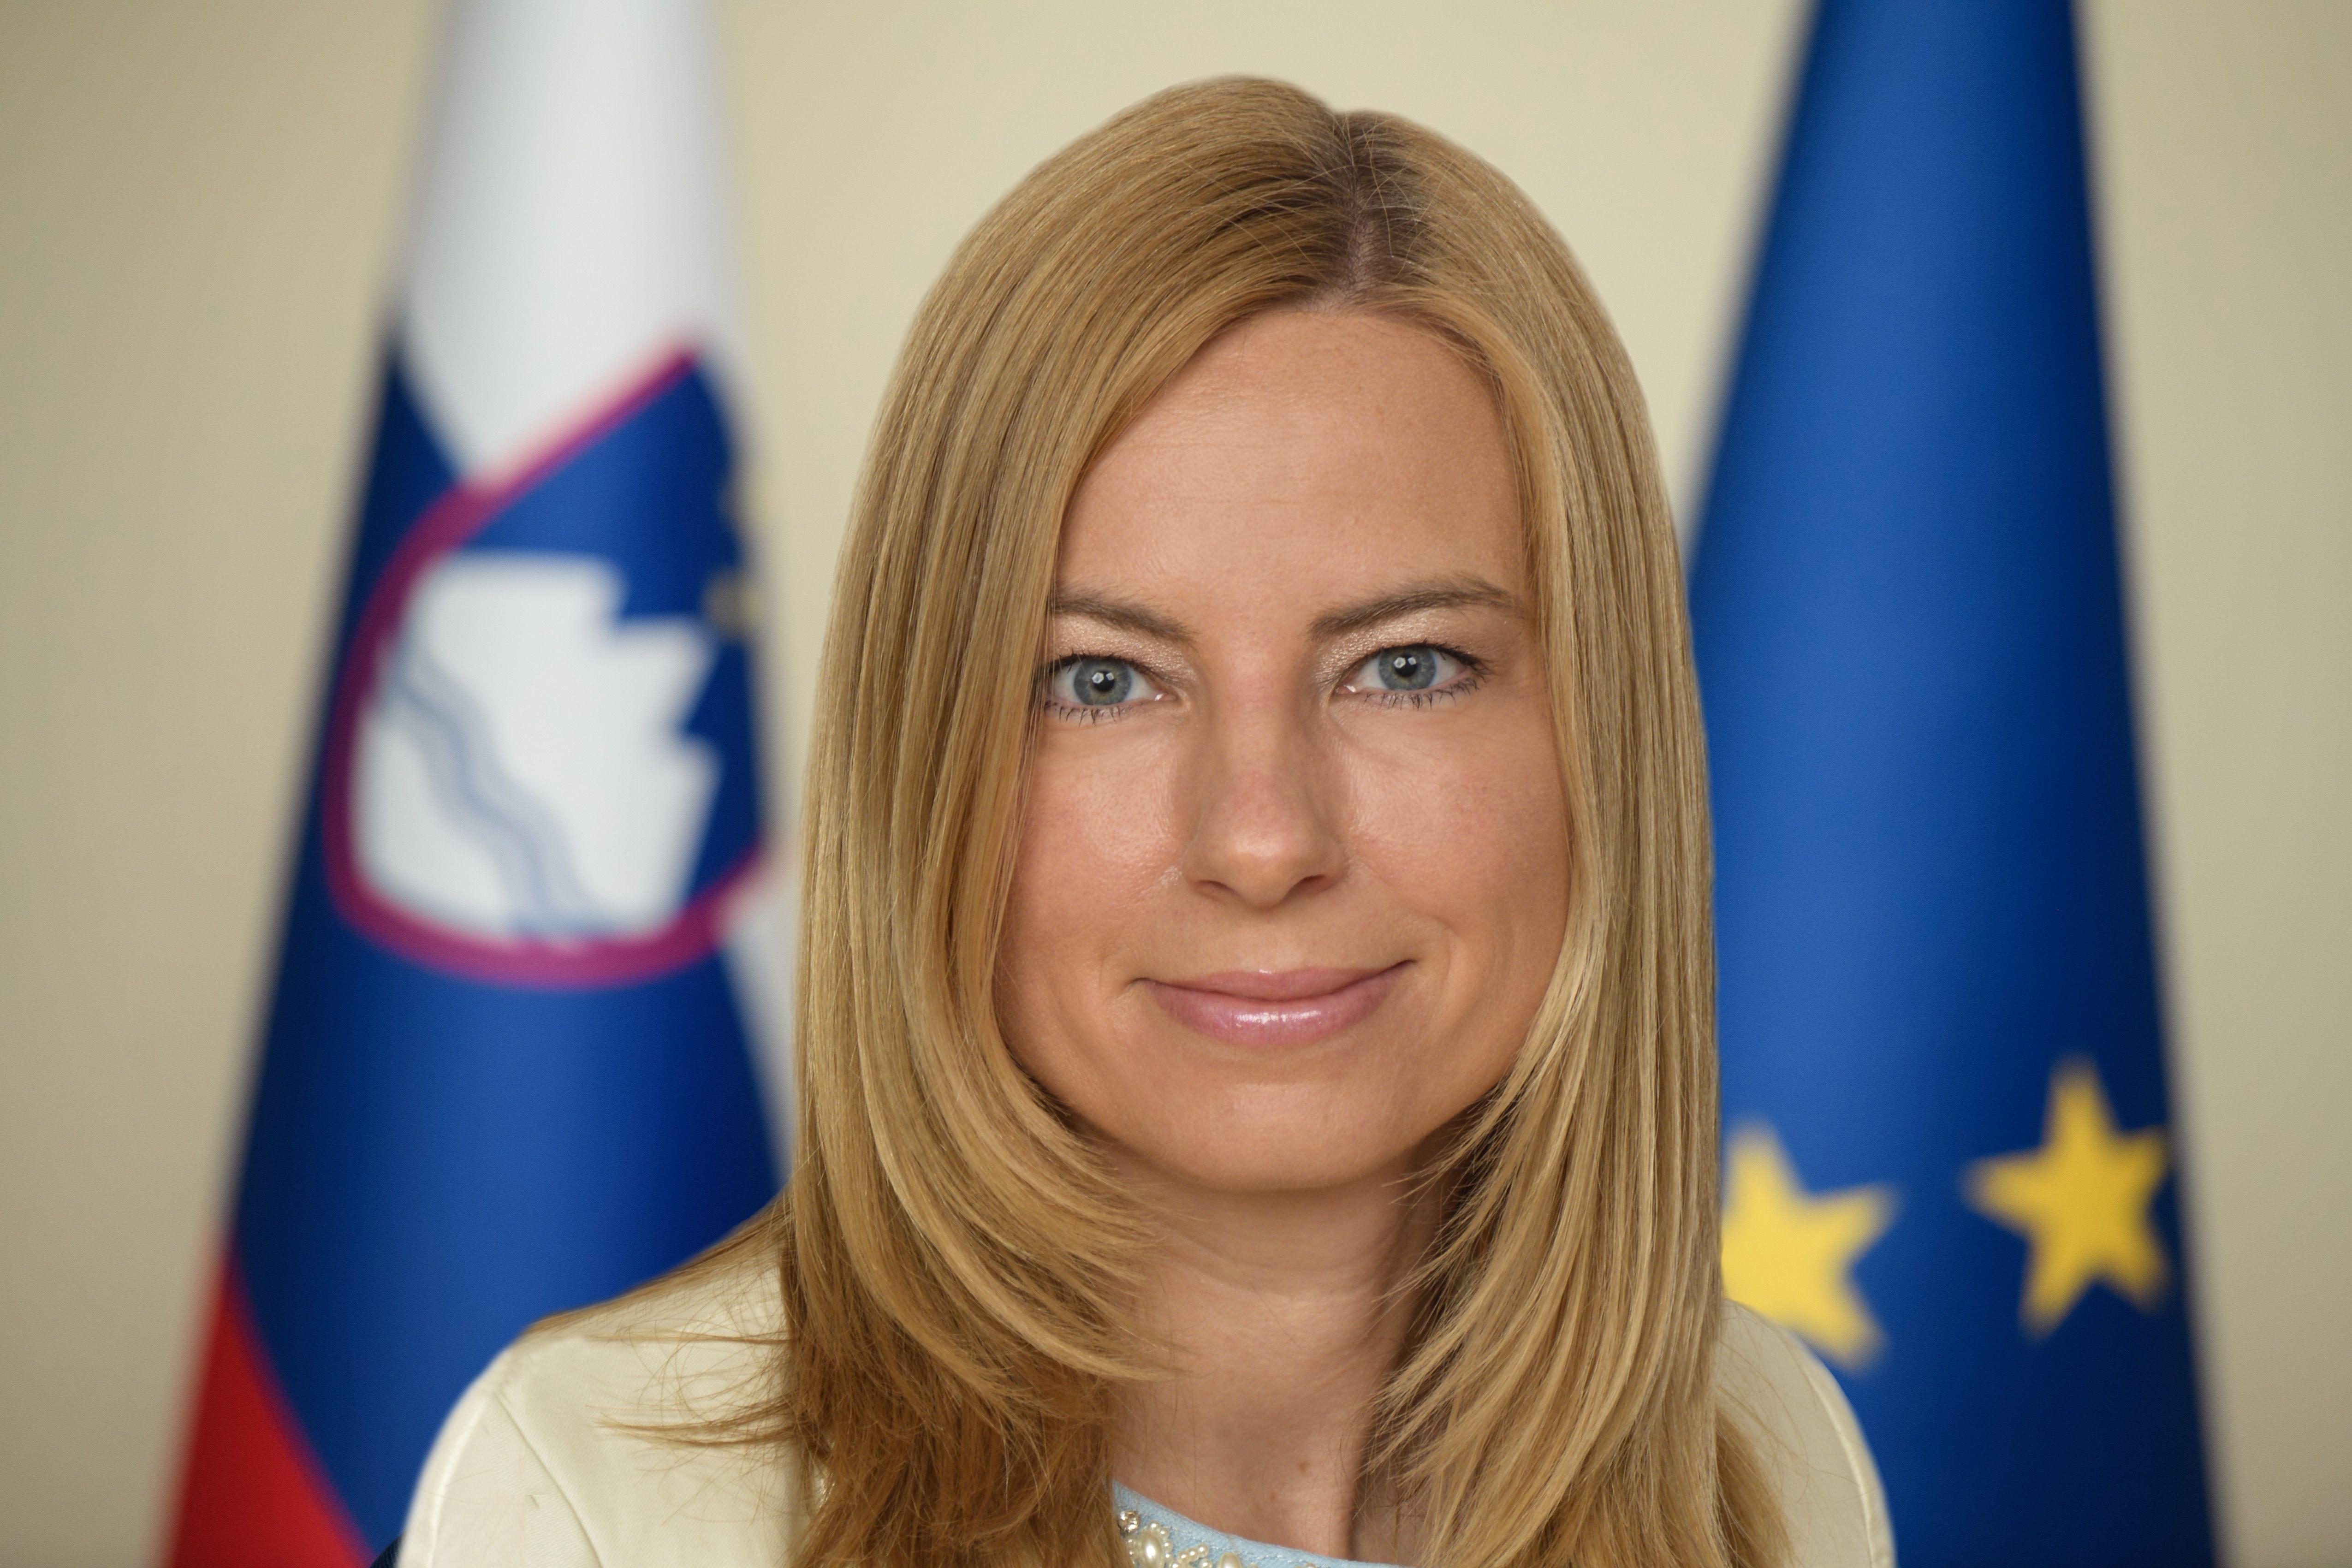 Katja KATJA RIECKERMANN